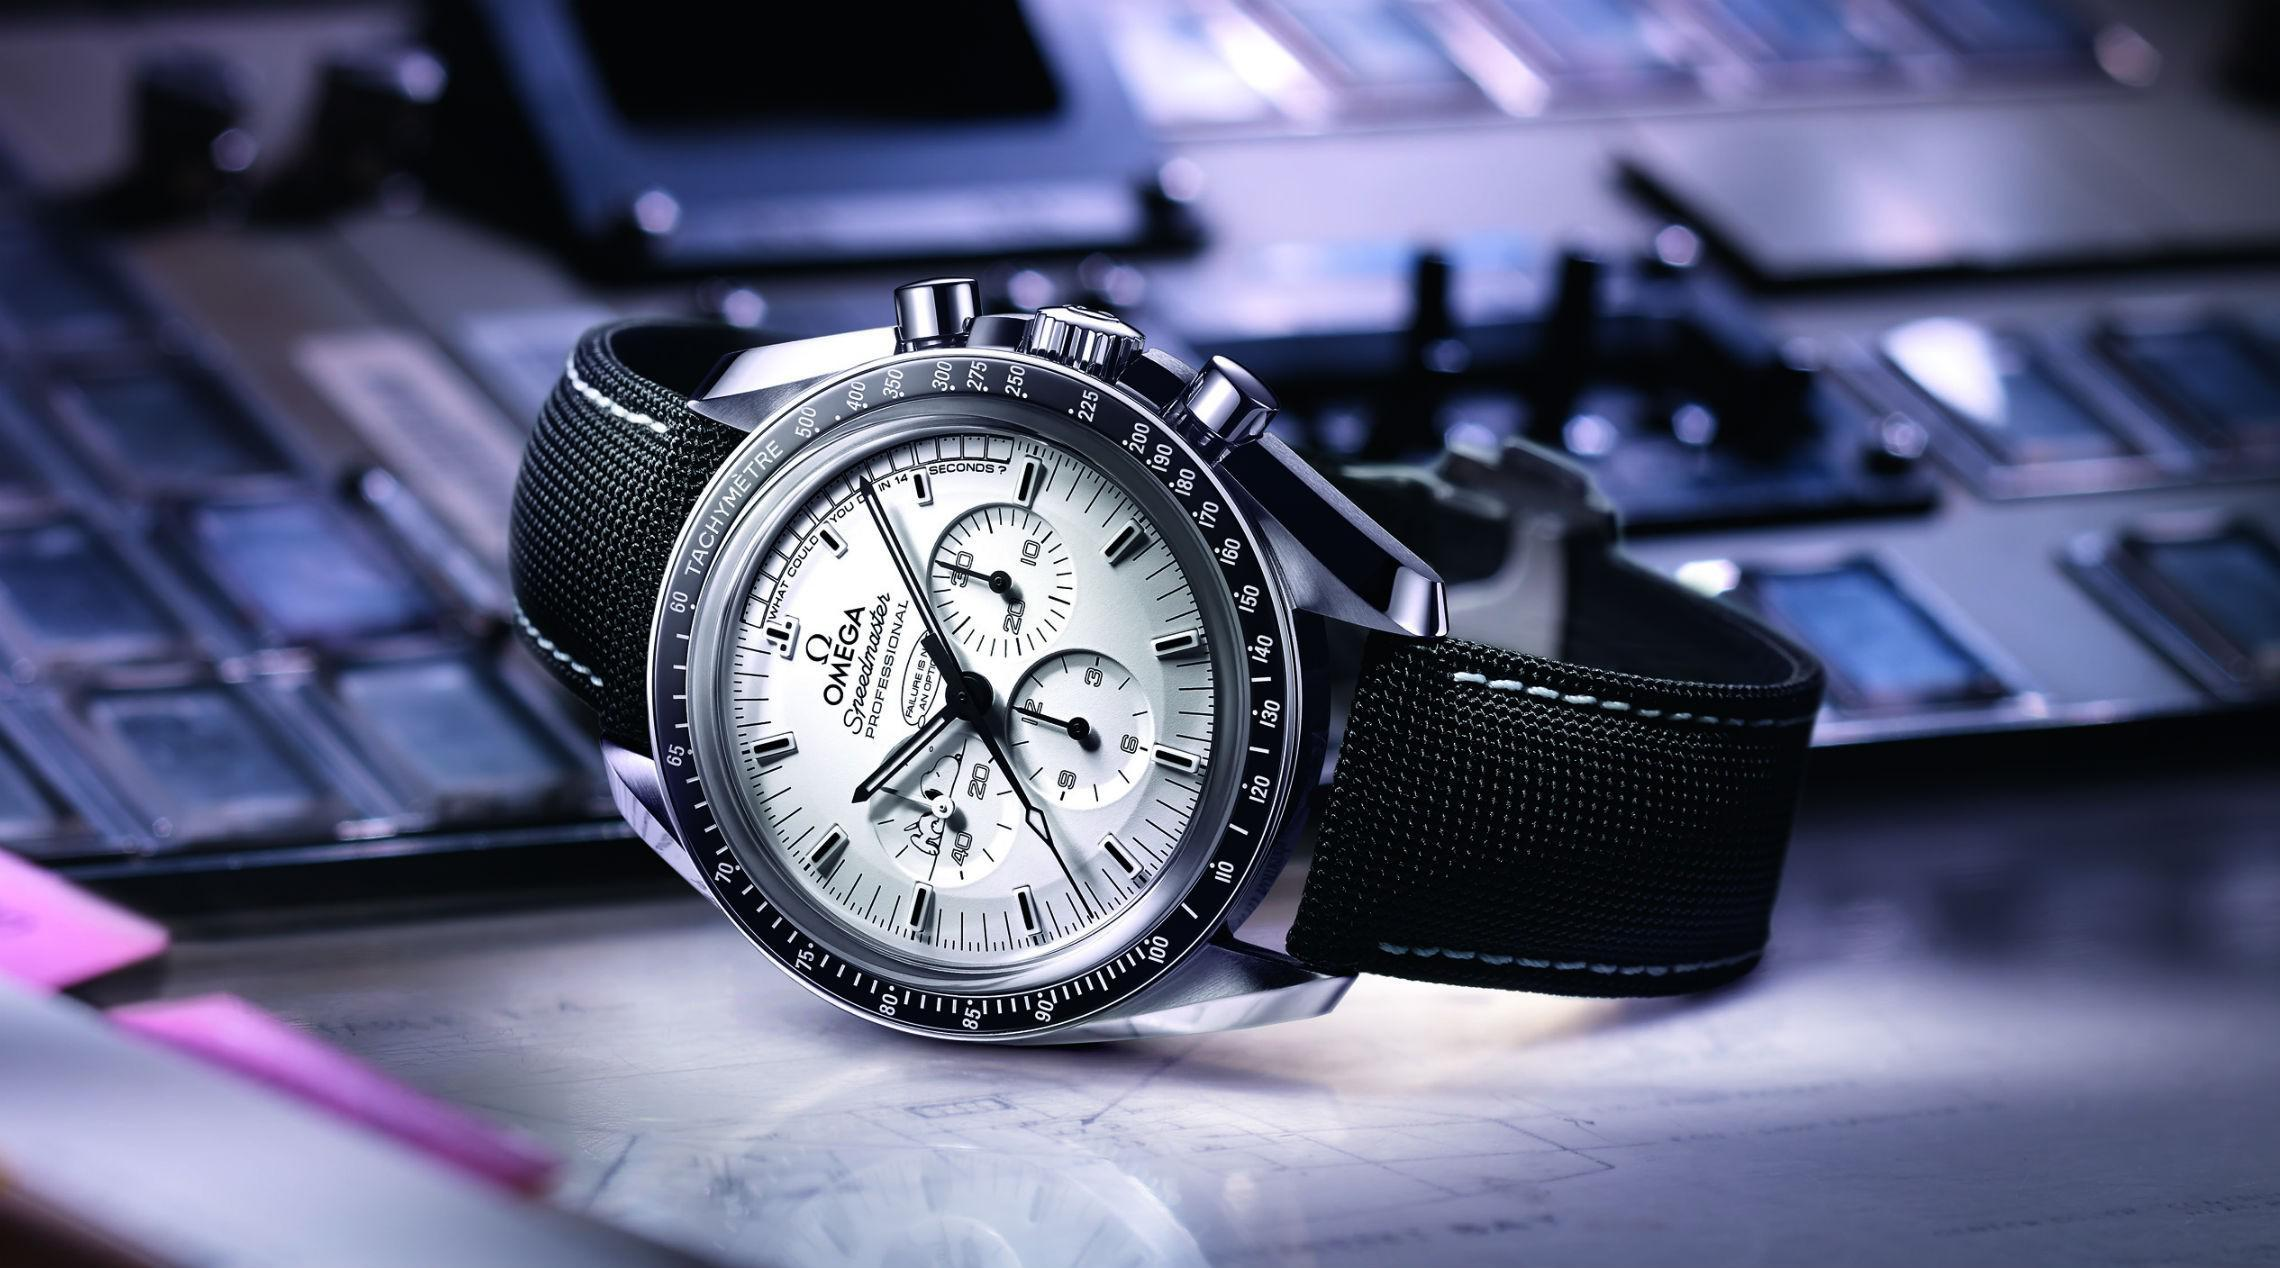 欧米茄手表门店在哪哪里能买到欧米茄手表